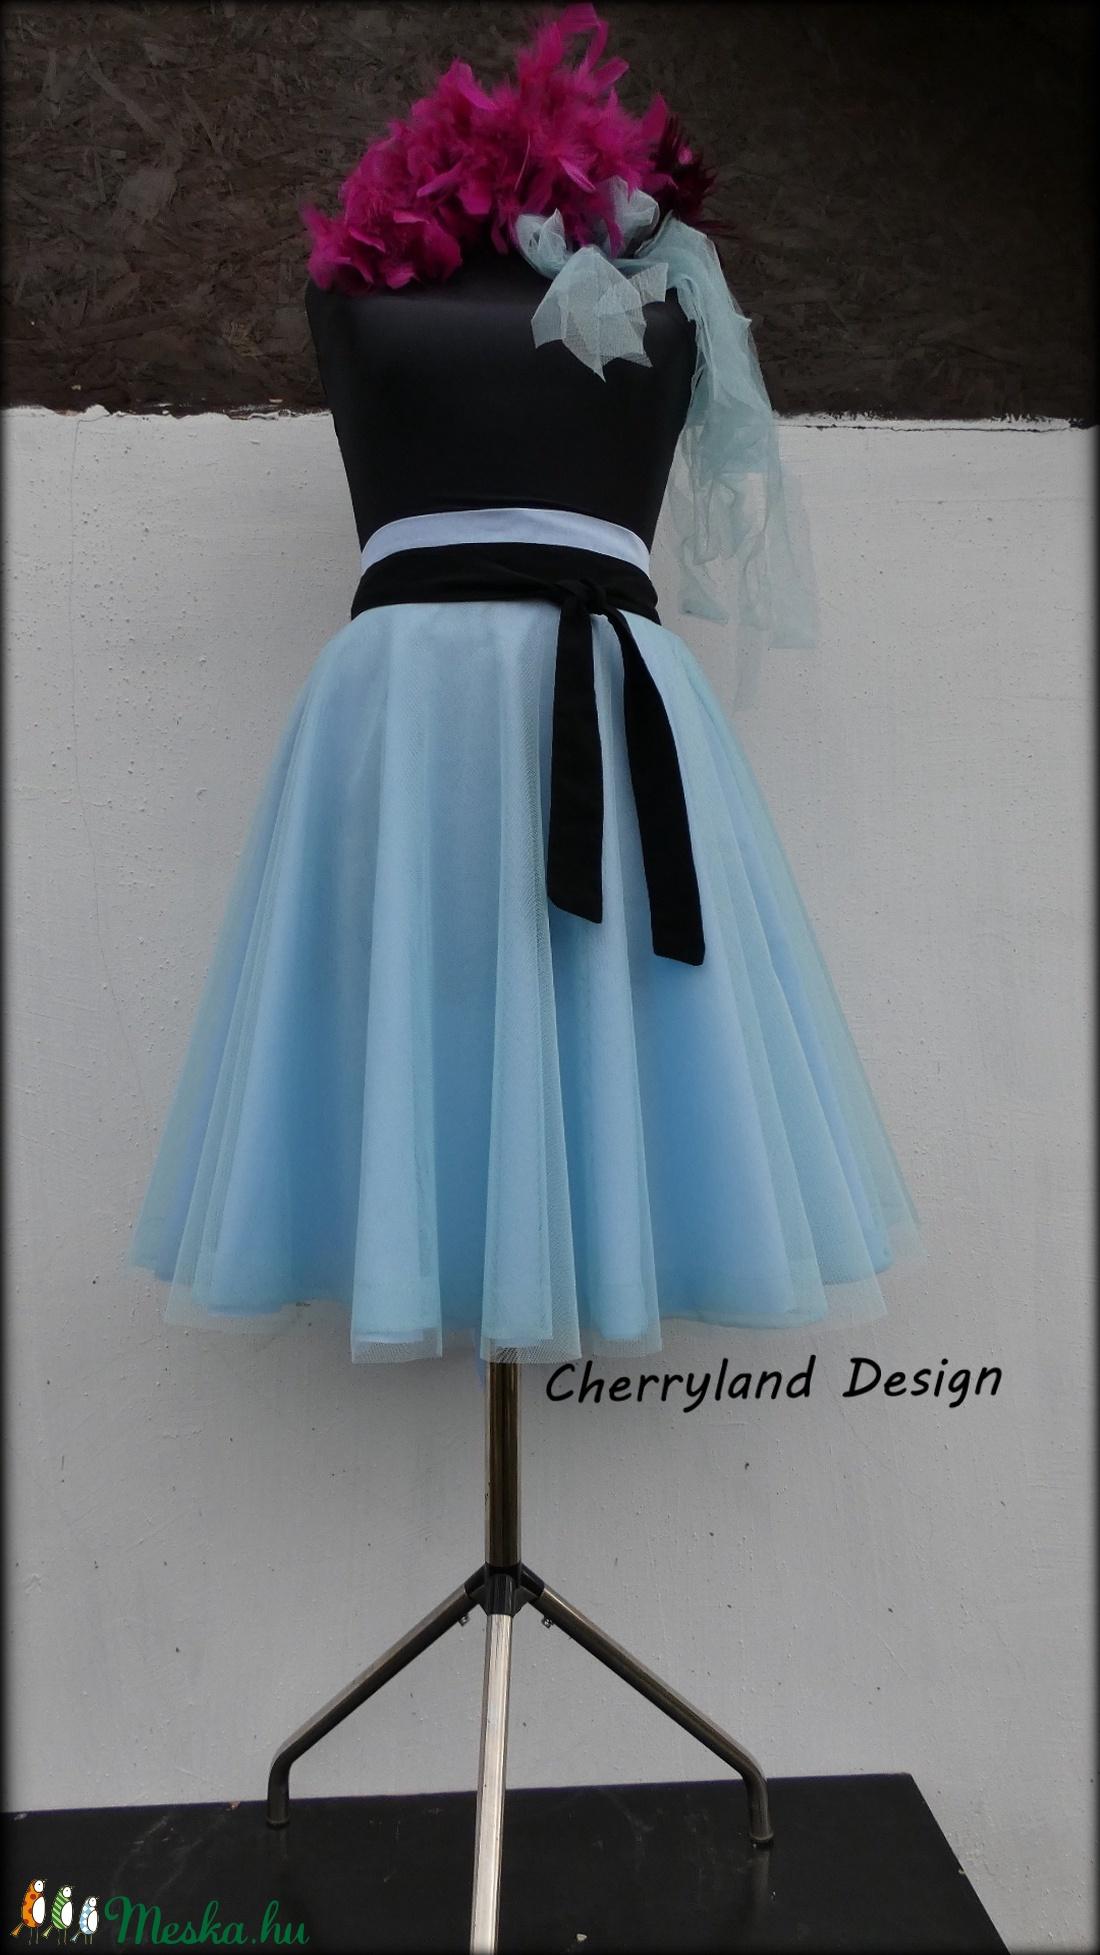 Cherryland Design Kék Szoknya˛/Tüll réteggel/ Blue tulle Skirt (textilmester) - Meska.hu